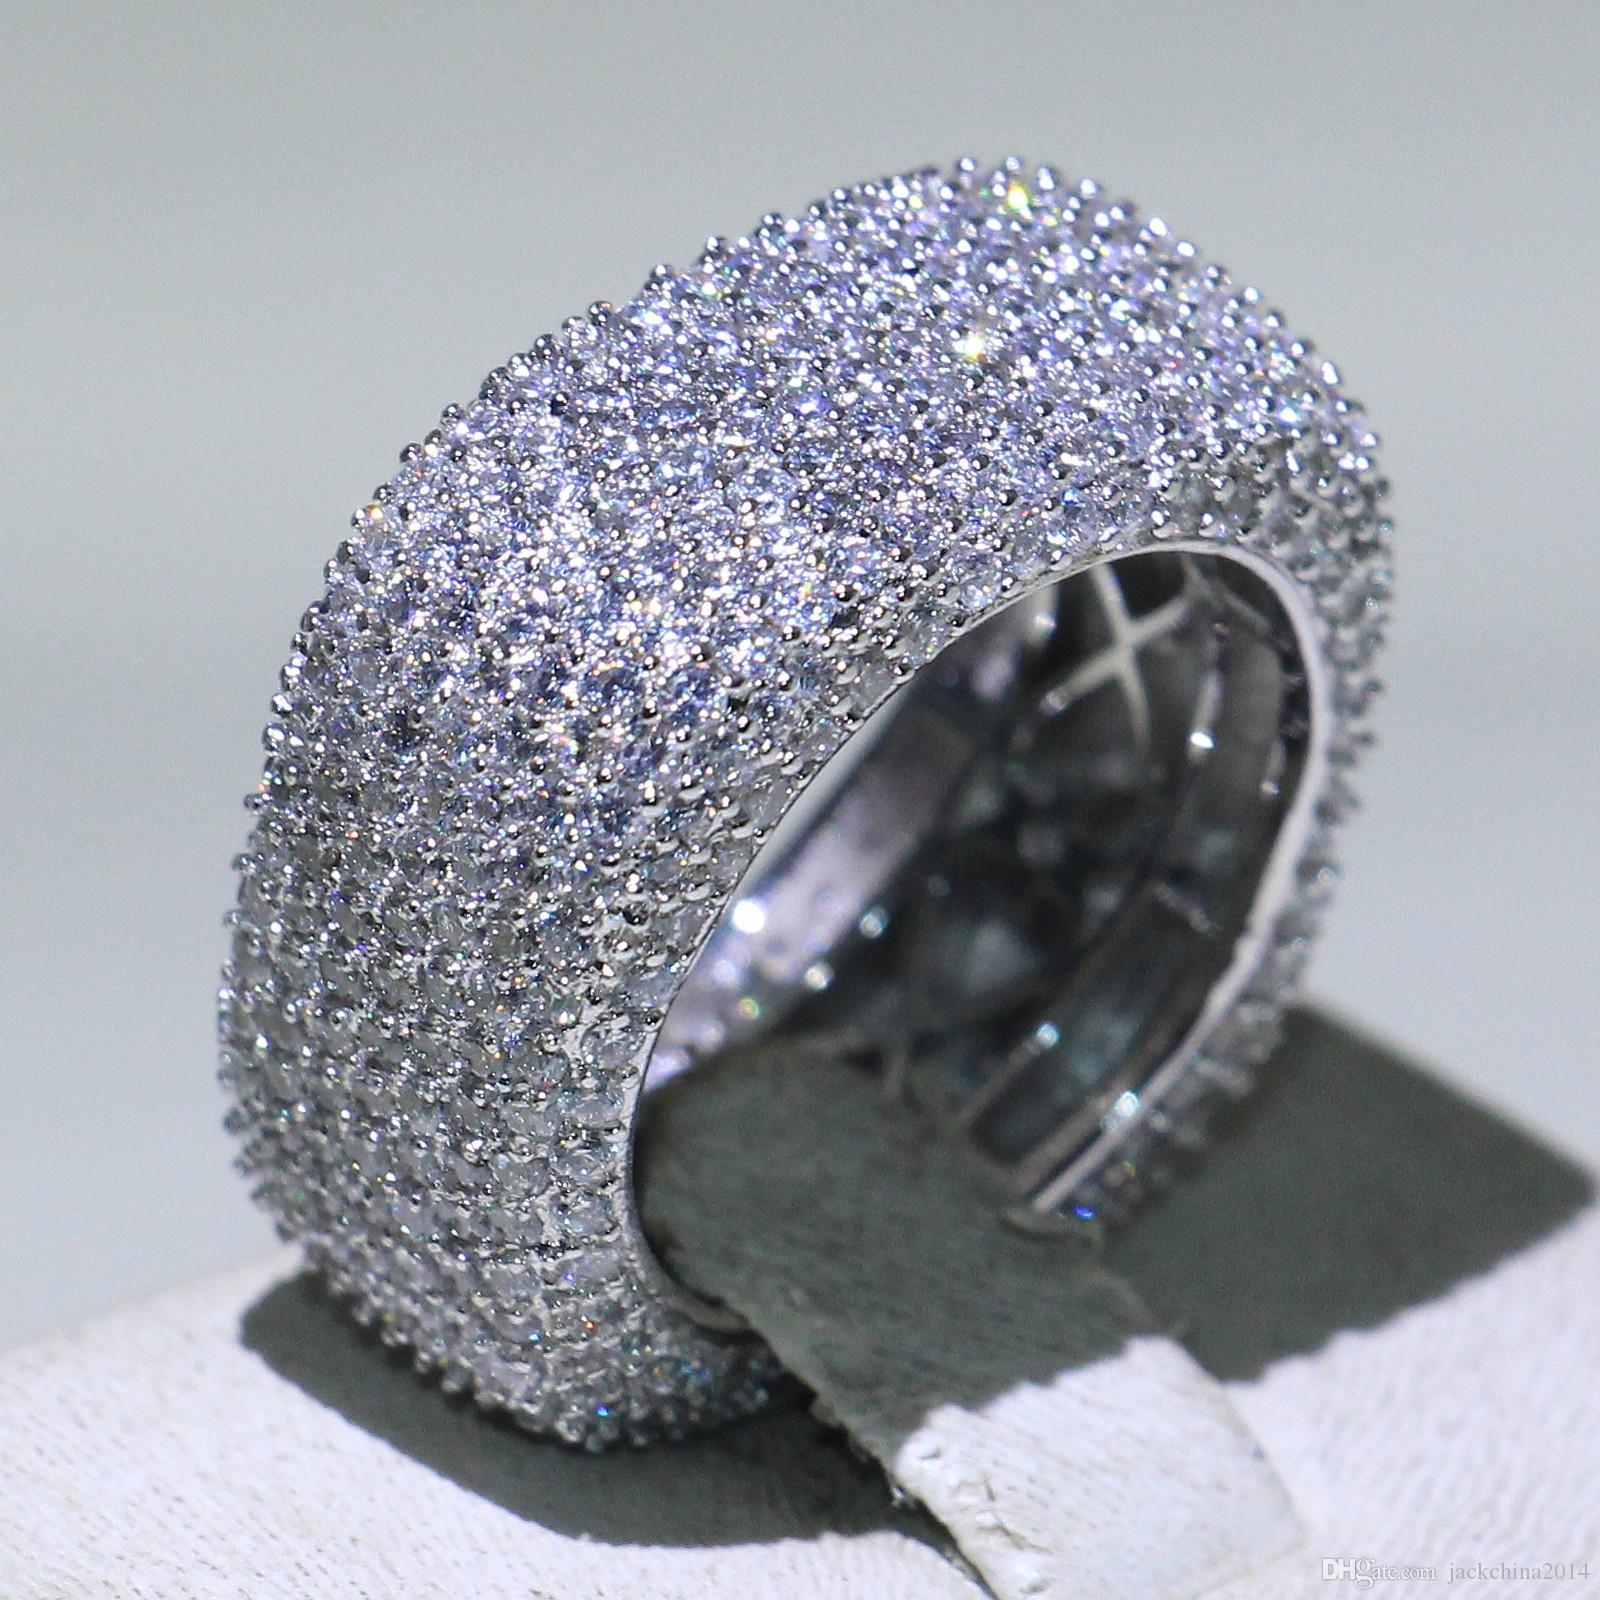 Diamantfüllung Luxus Schmuck 925 Liebhaber Silber 5-10 Pave Frauen Hochzeit Band Saphir CZ Ring Versprechen Größe Full Sterling Weißer Ring für M FKFX